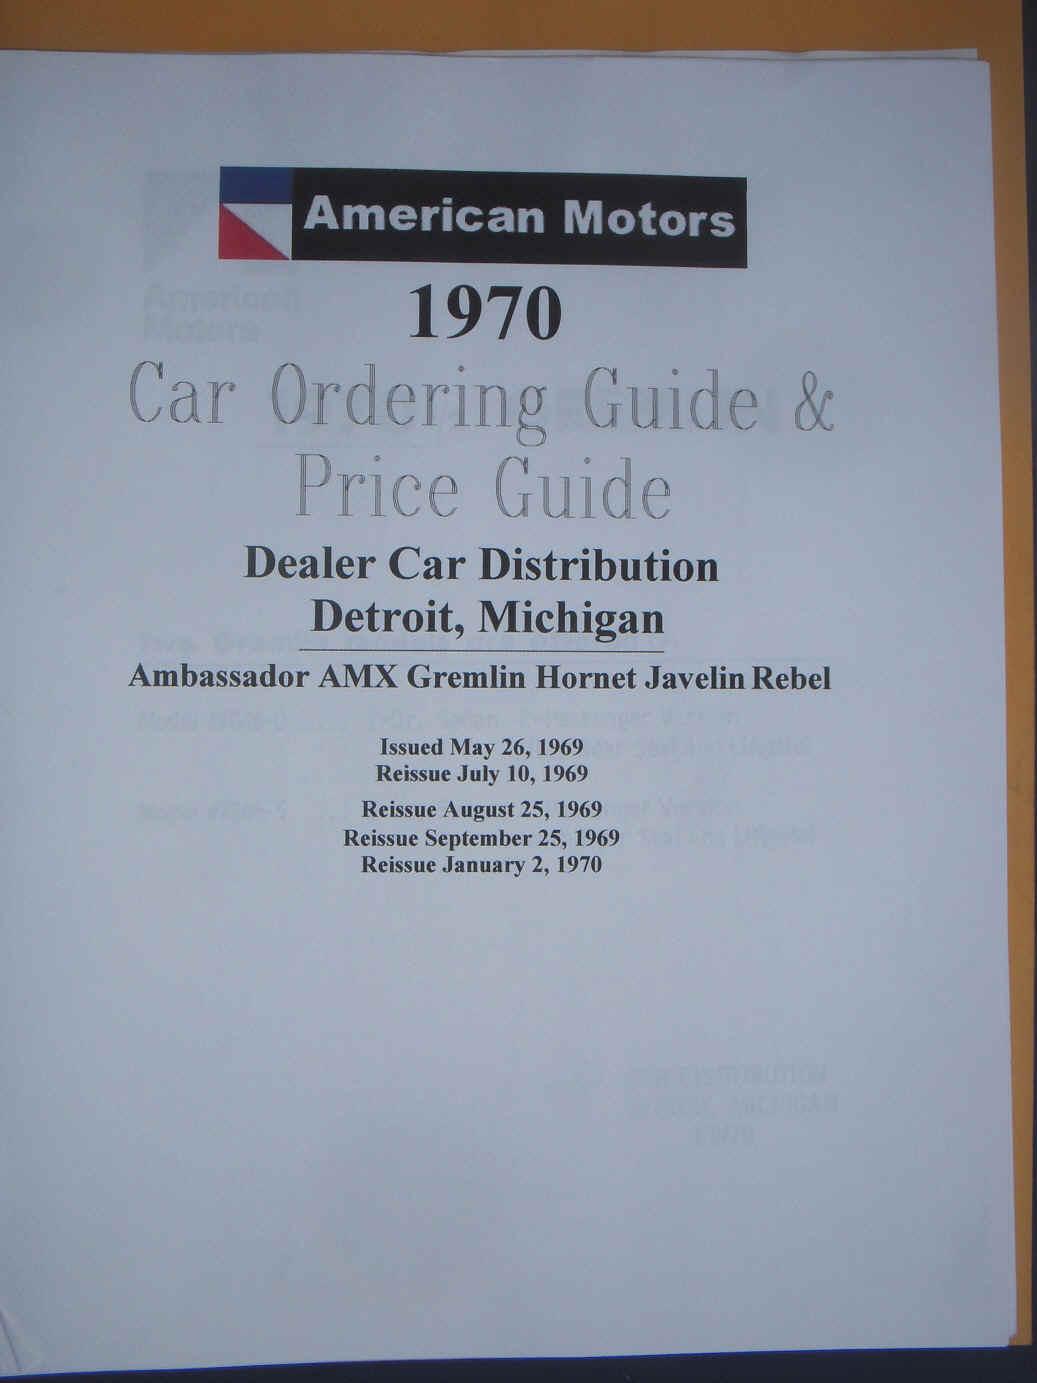 amc-manuals-brochures